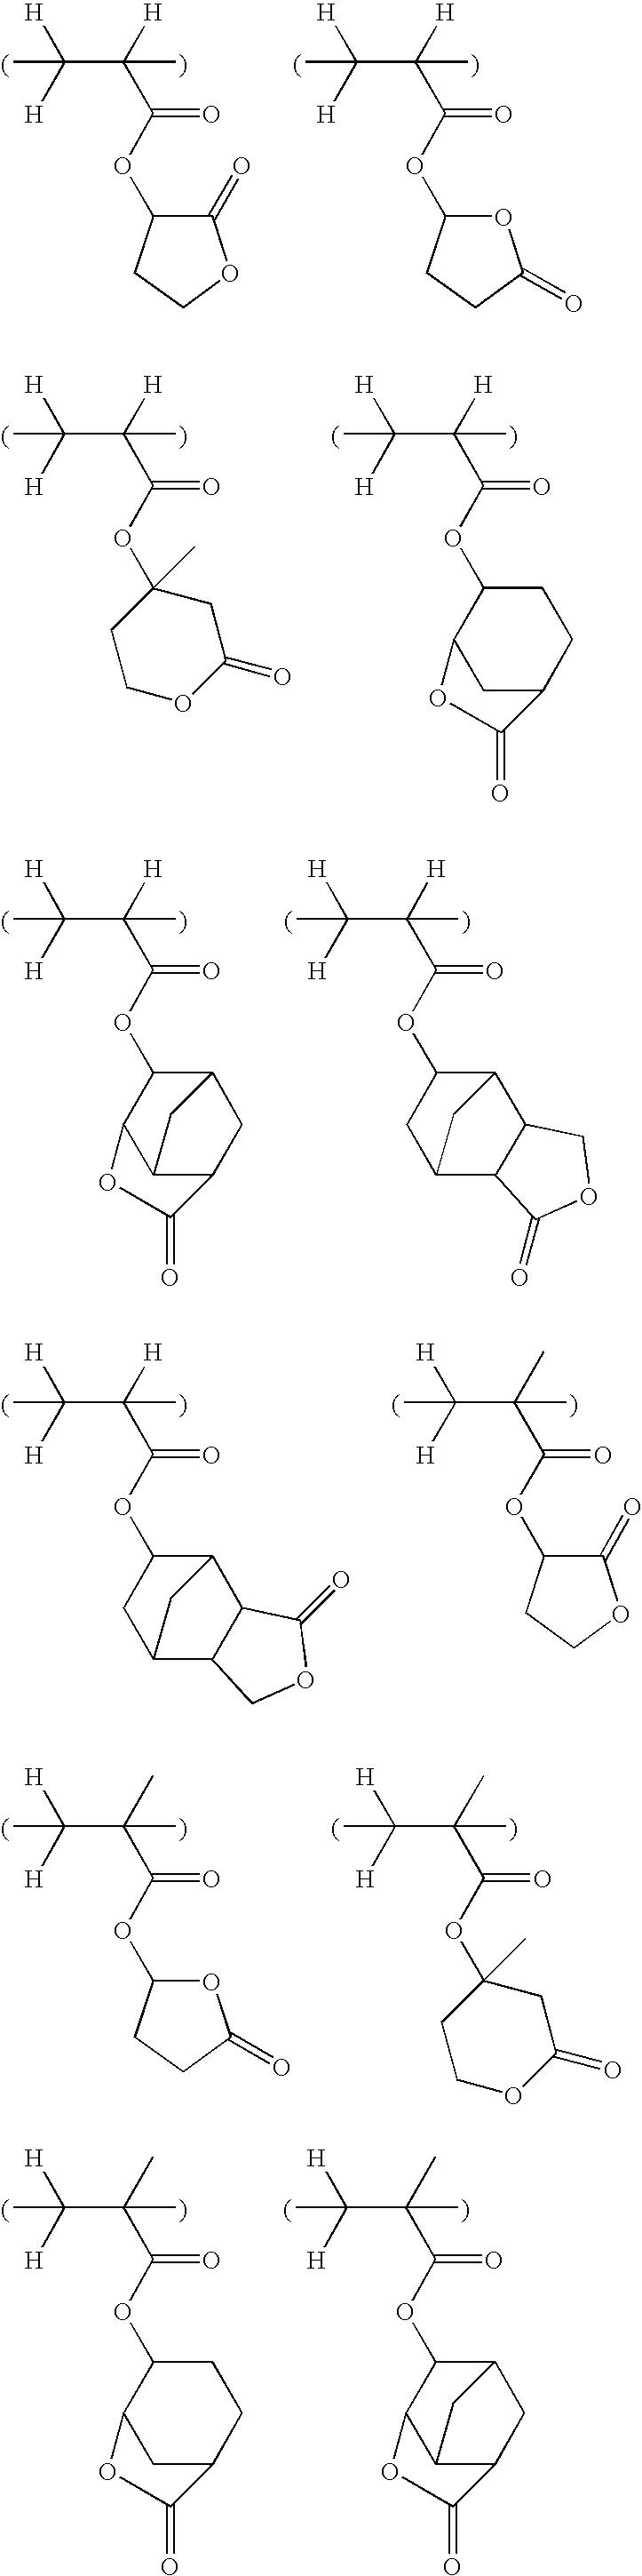 Figure US20090011365A1-20090108-C00053